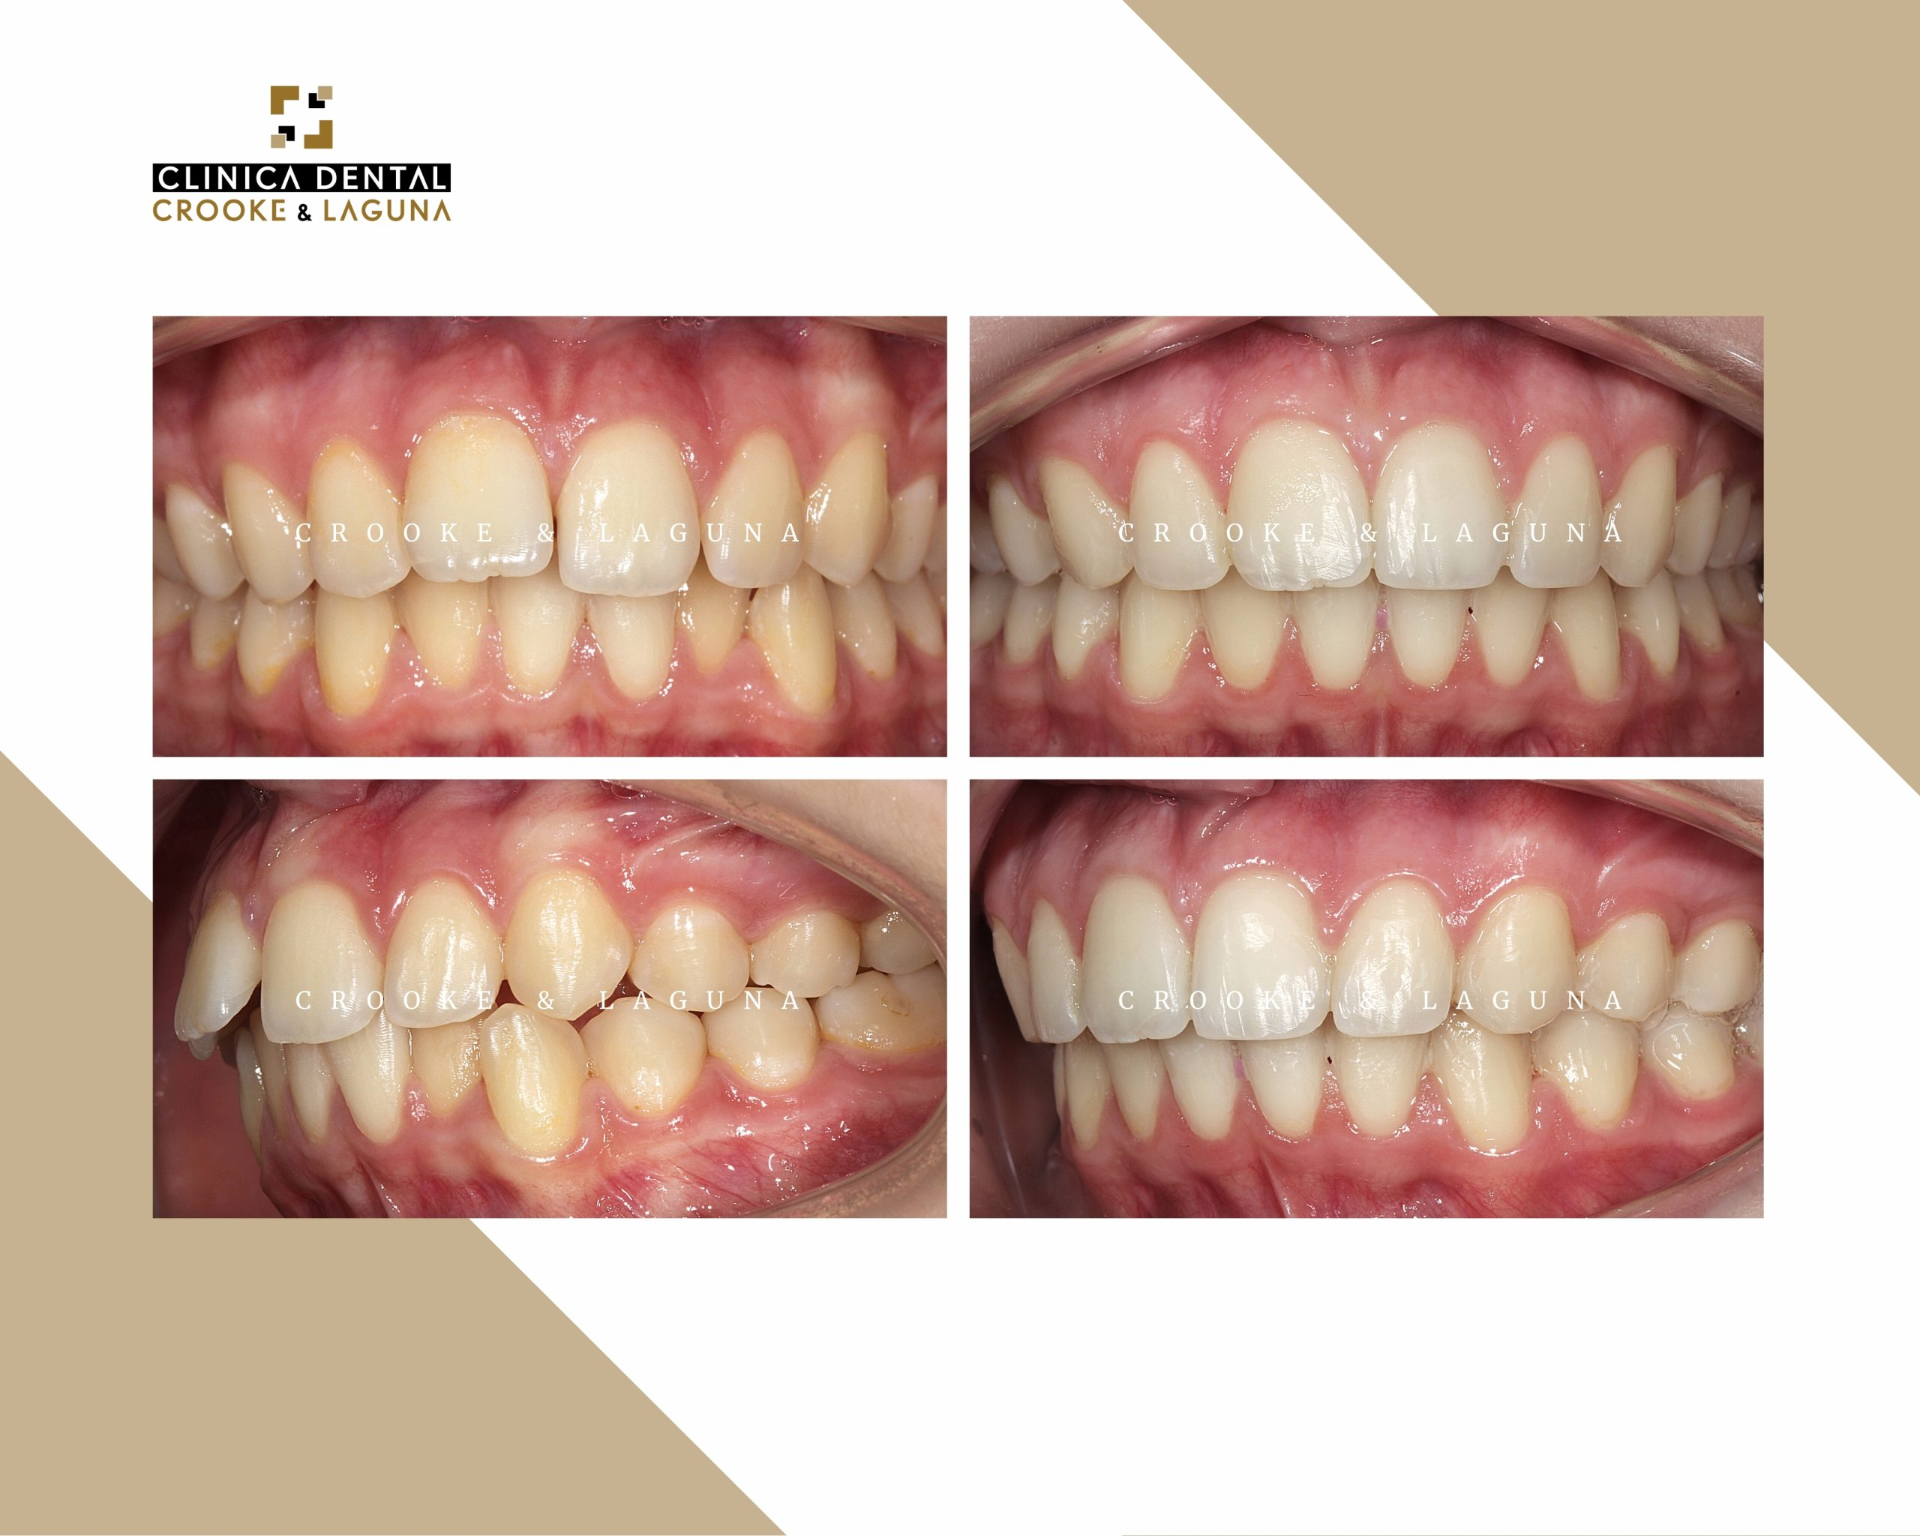 Ortodoncia en dientes - crooke laguna